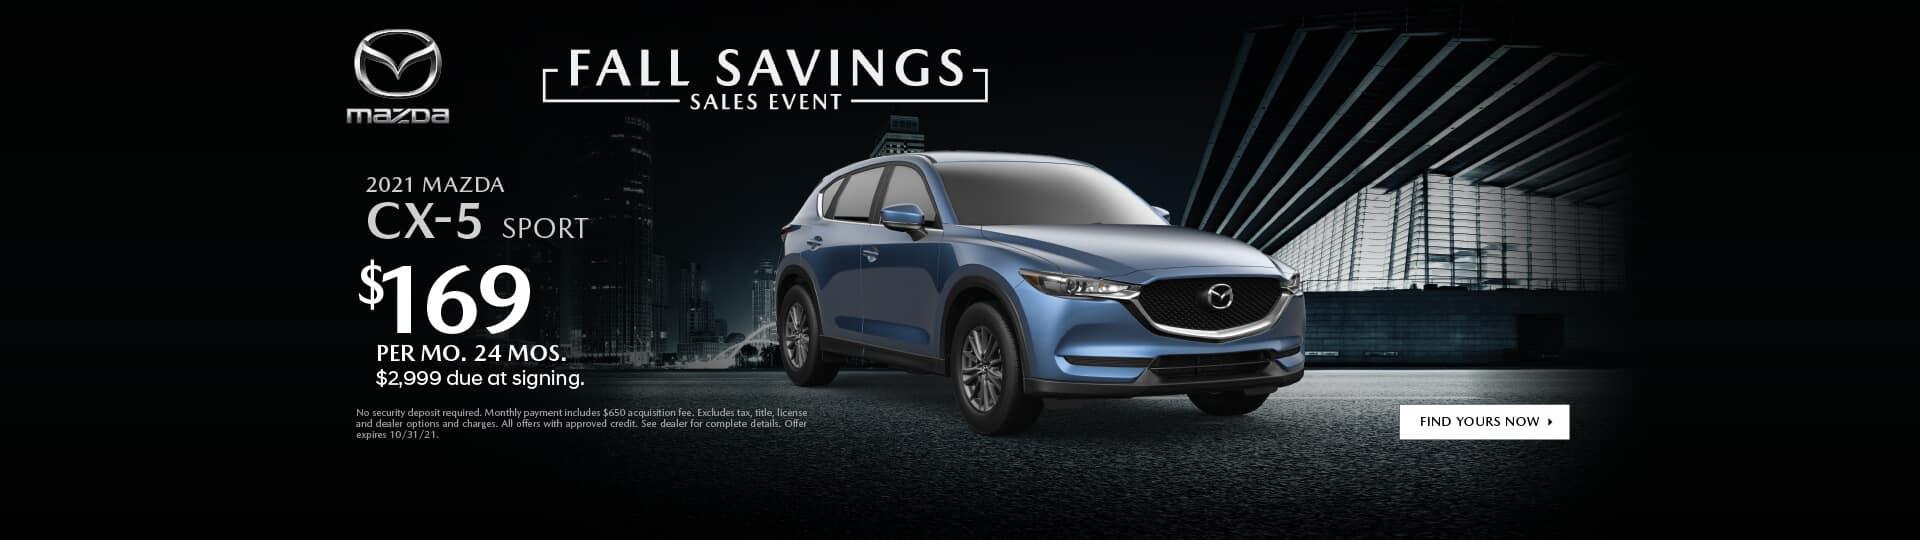 2021.08.27-Keffer-Mazda-SEPT-OCT-Web-Banners-S53876vw-2